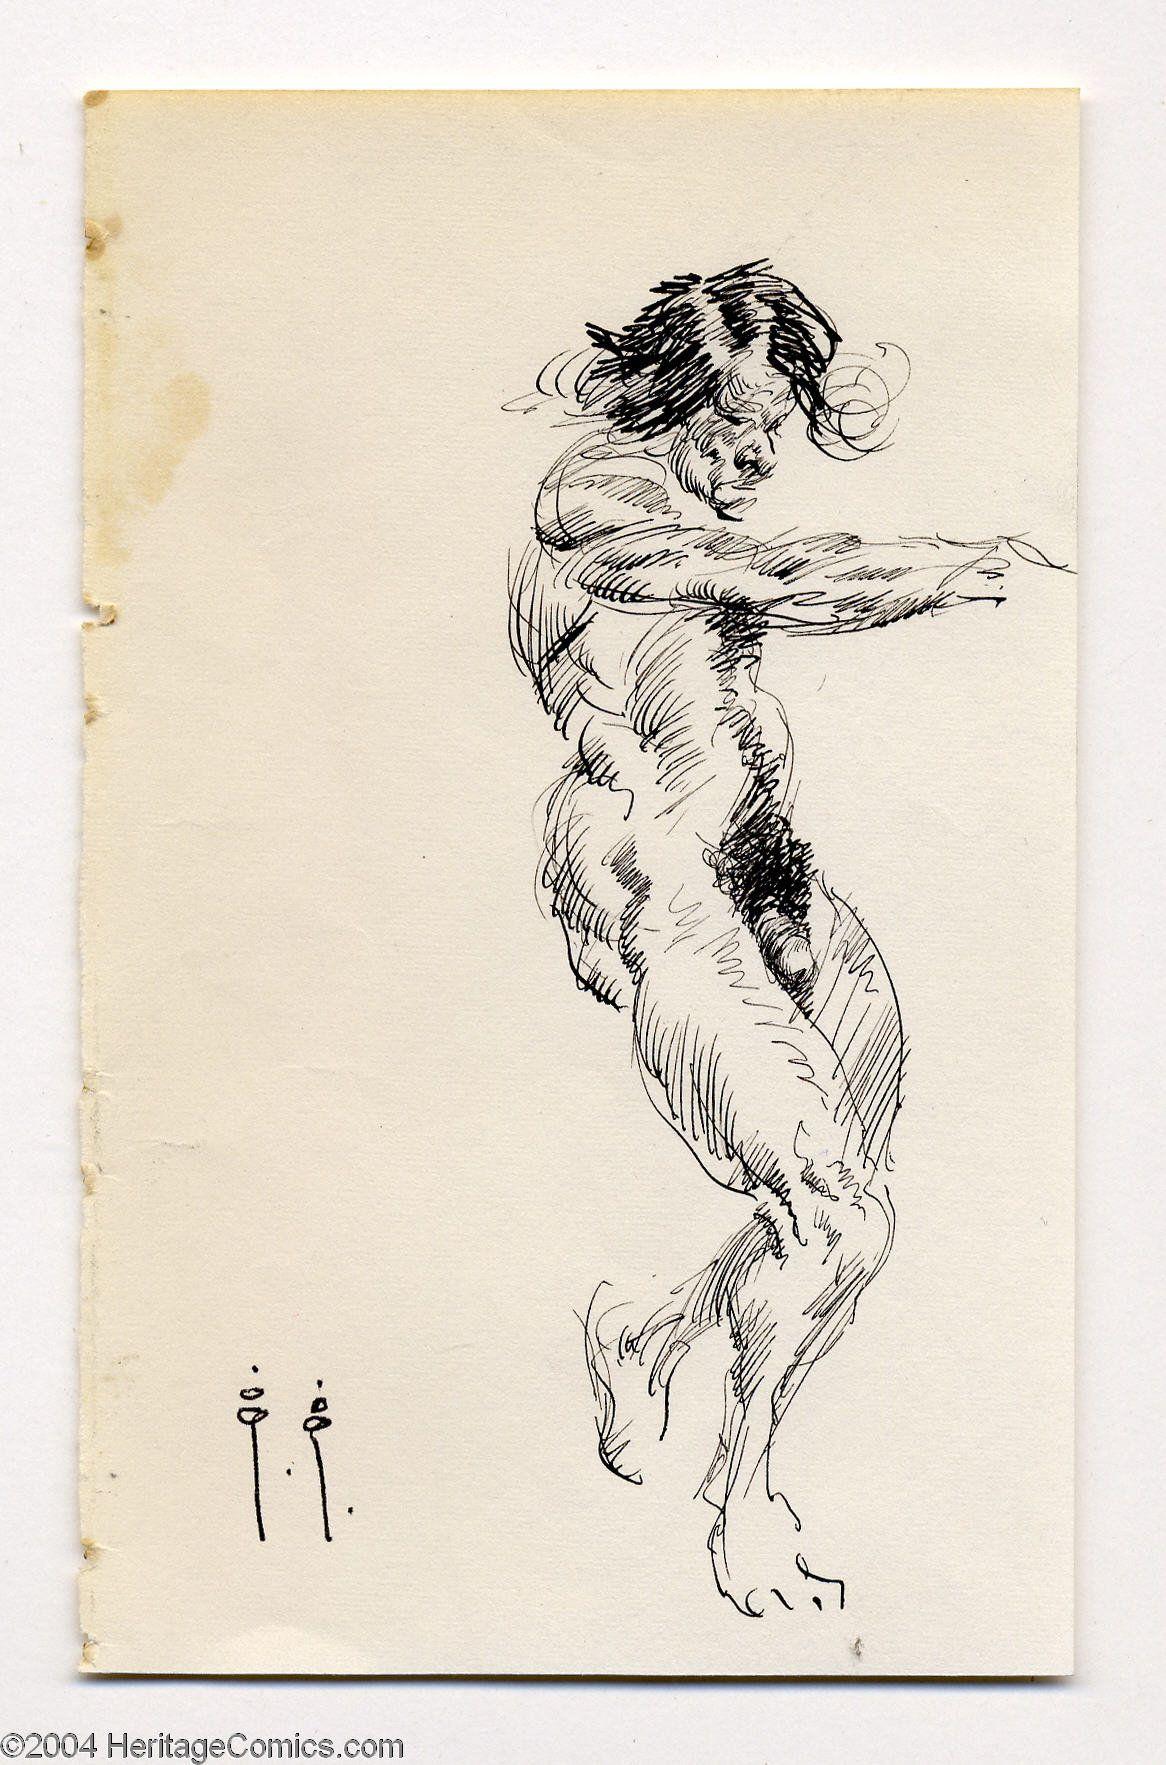 Frank Frazetta - Male Nude Figure Sketch Original Art   Lot #18011